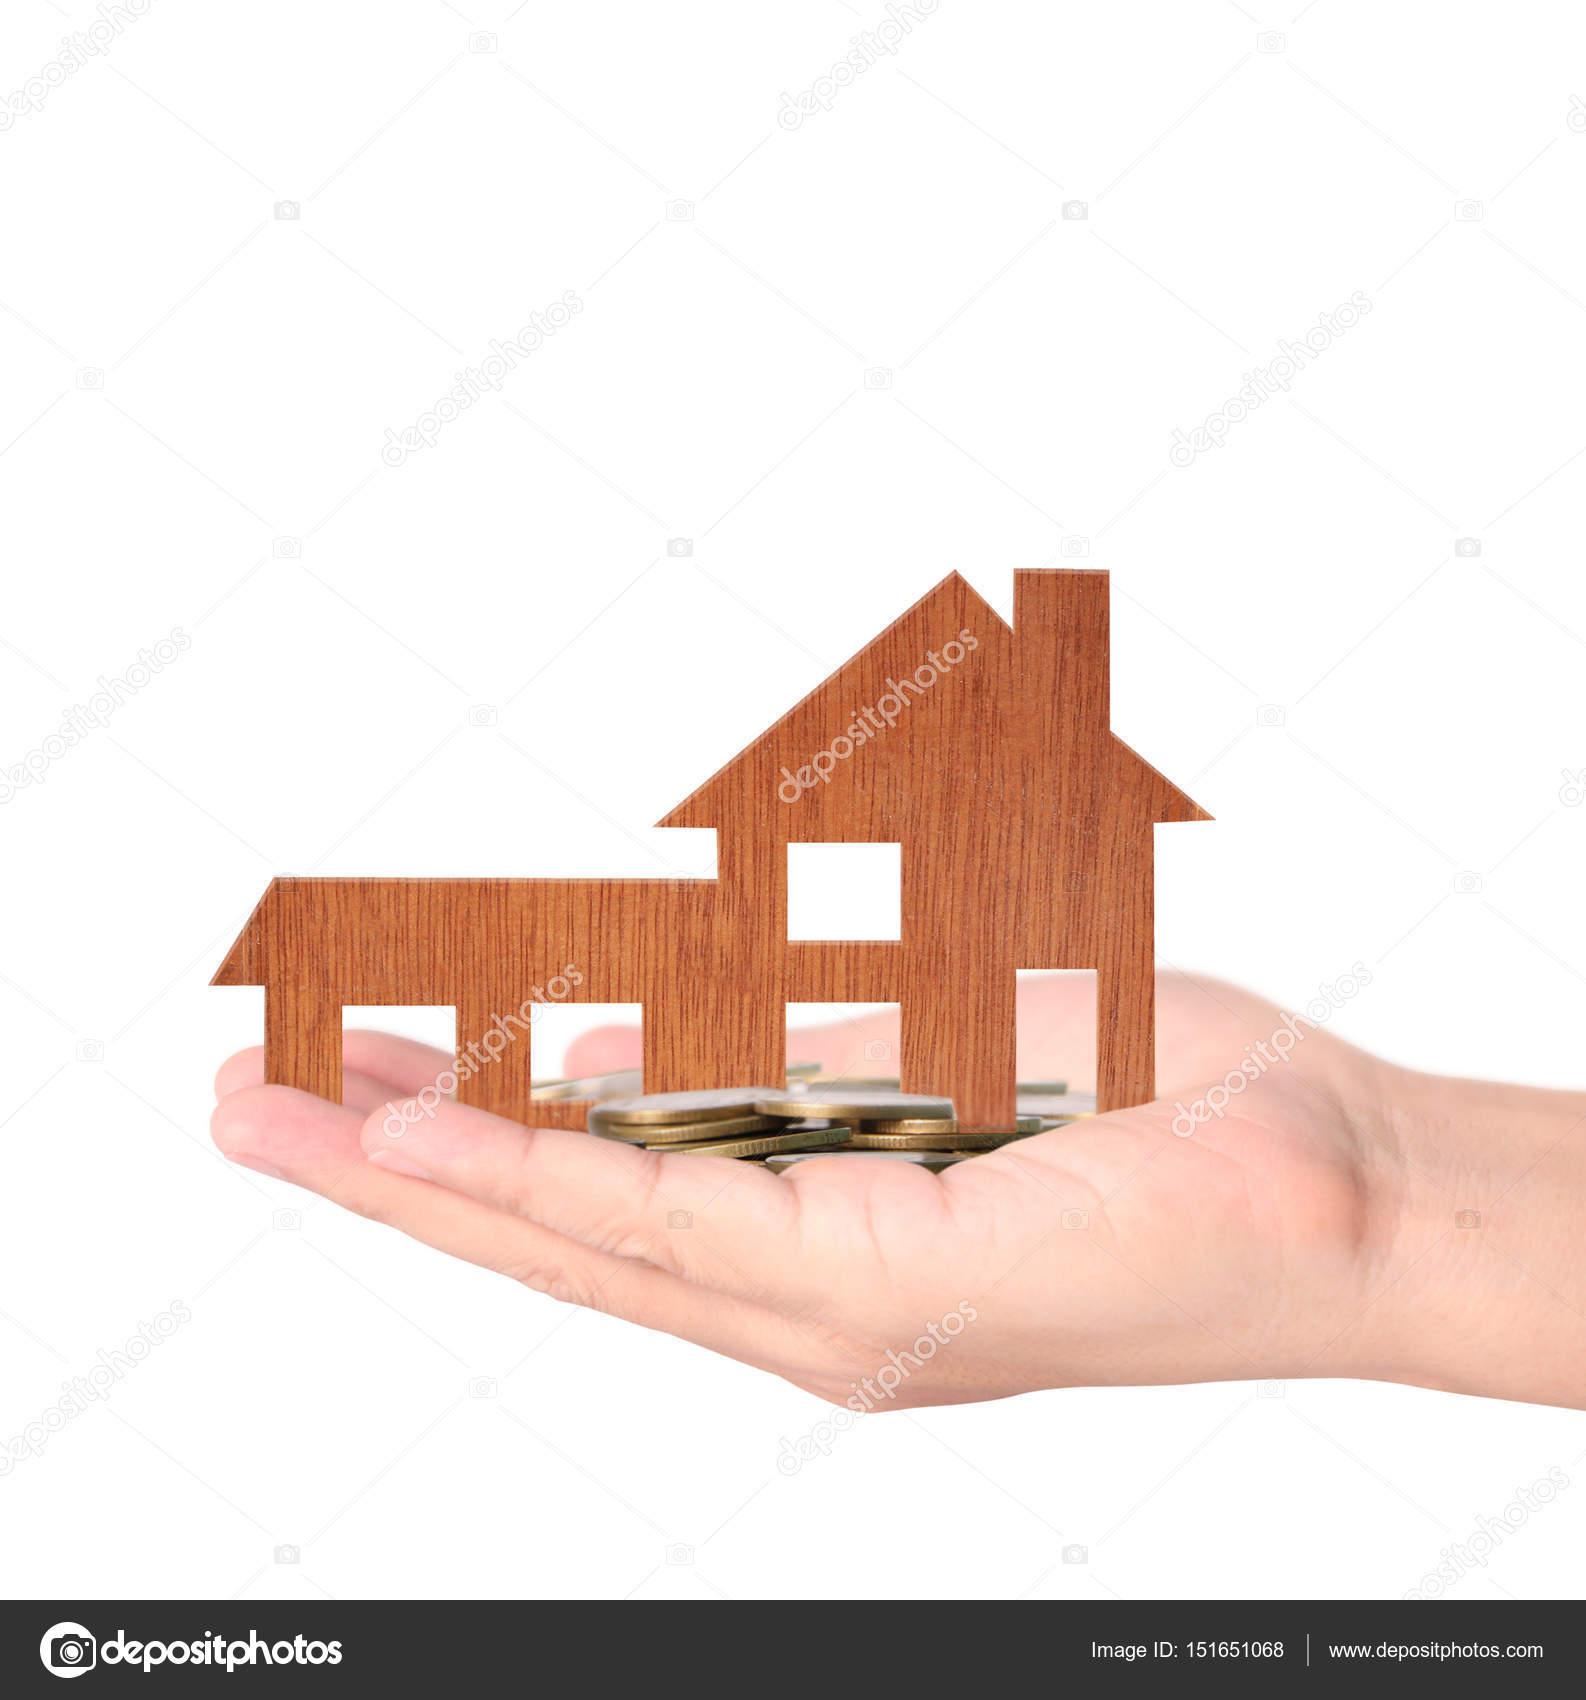 Mutui in mano il concetto di casa da foto stock for Aprire i piani casa artigiano concetto